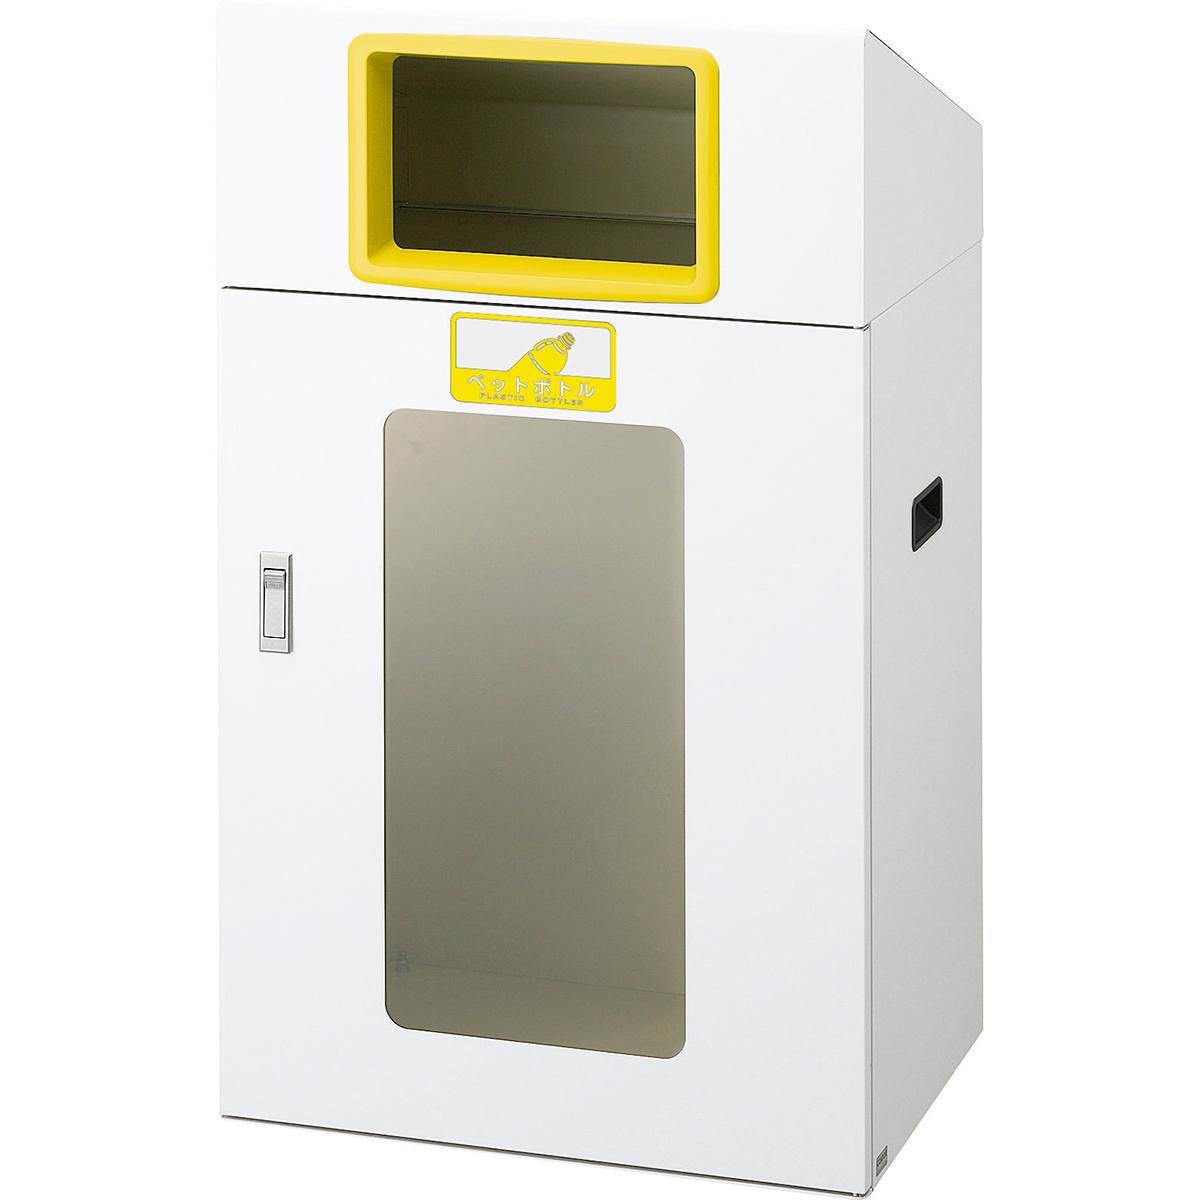 超熱 【単品配送】 山崎産業 リサイクルボックスYOS-90 120L ペットボトル/Y(黄) YW-351L-ID [], スマコレ d26c3b79